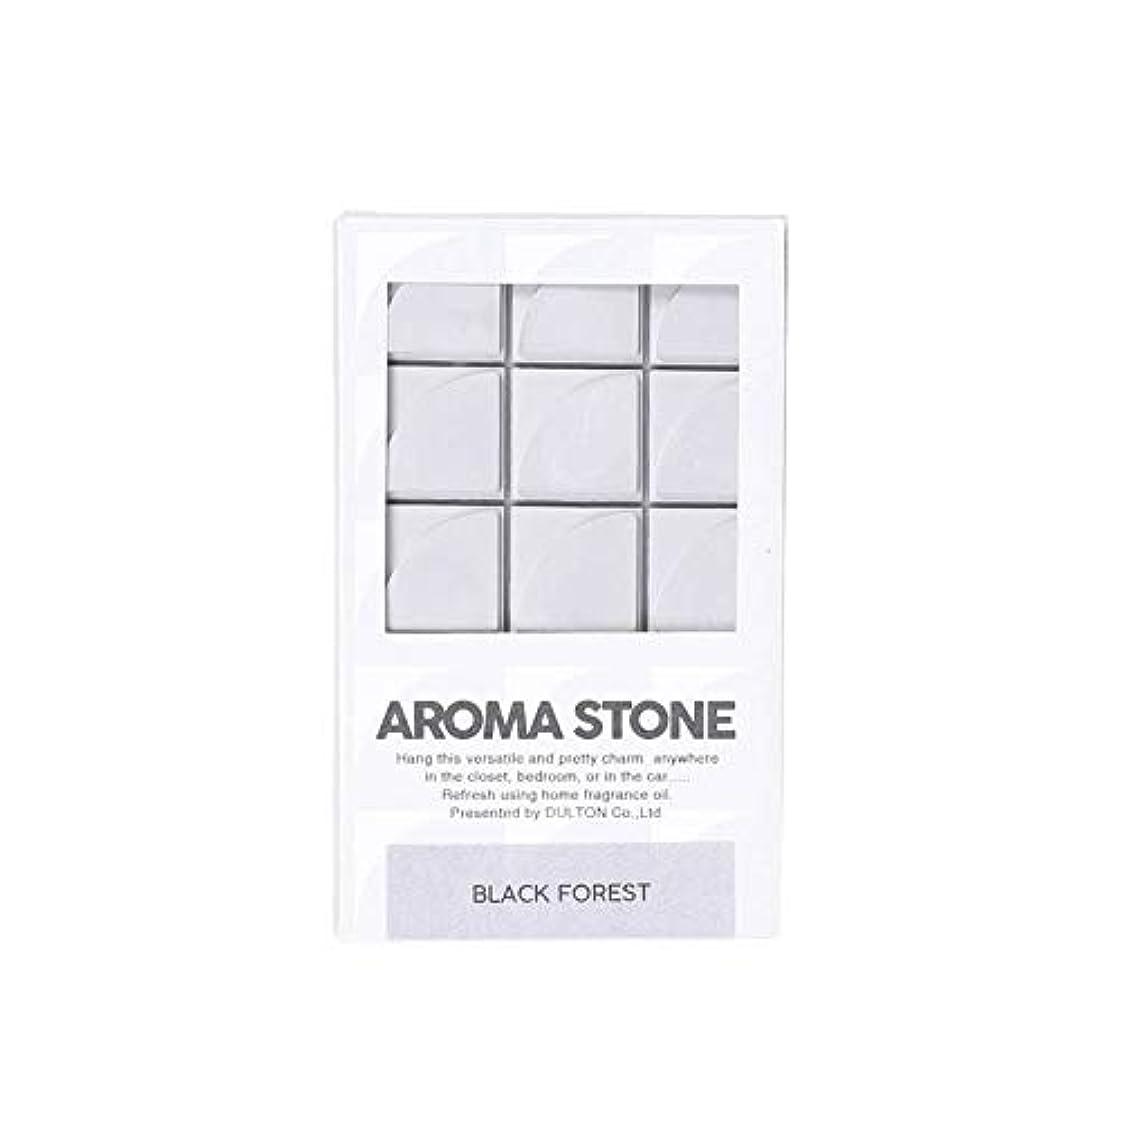 リフト朝食を食べる起きるダルトン Aroma stone アロマストーン G975-1268 Black forest